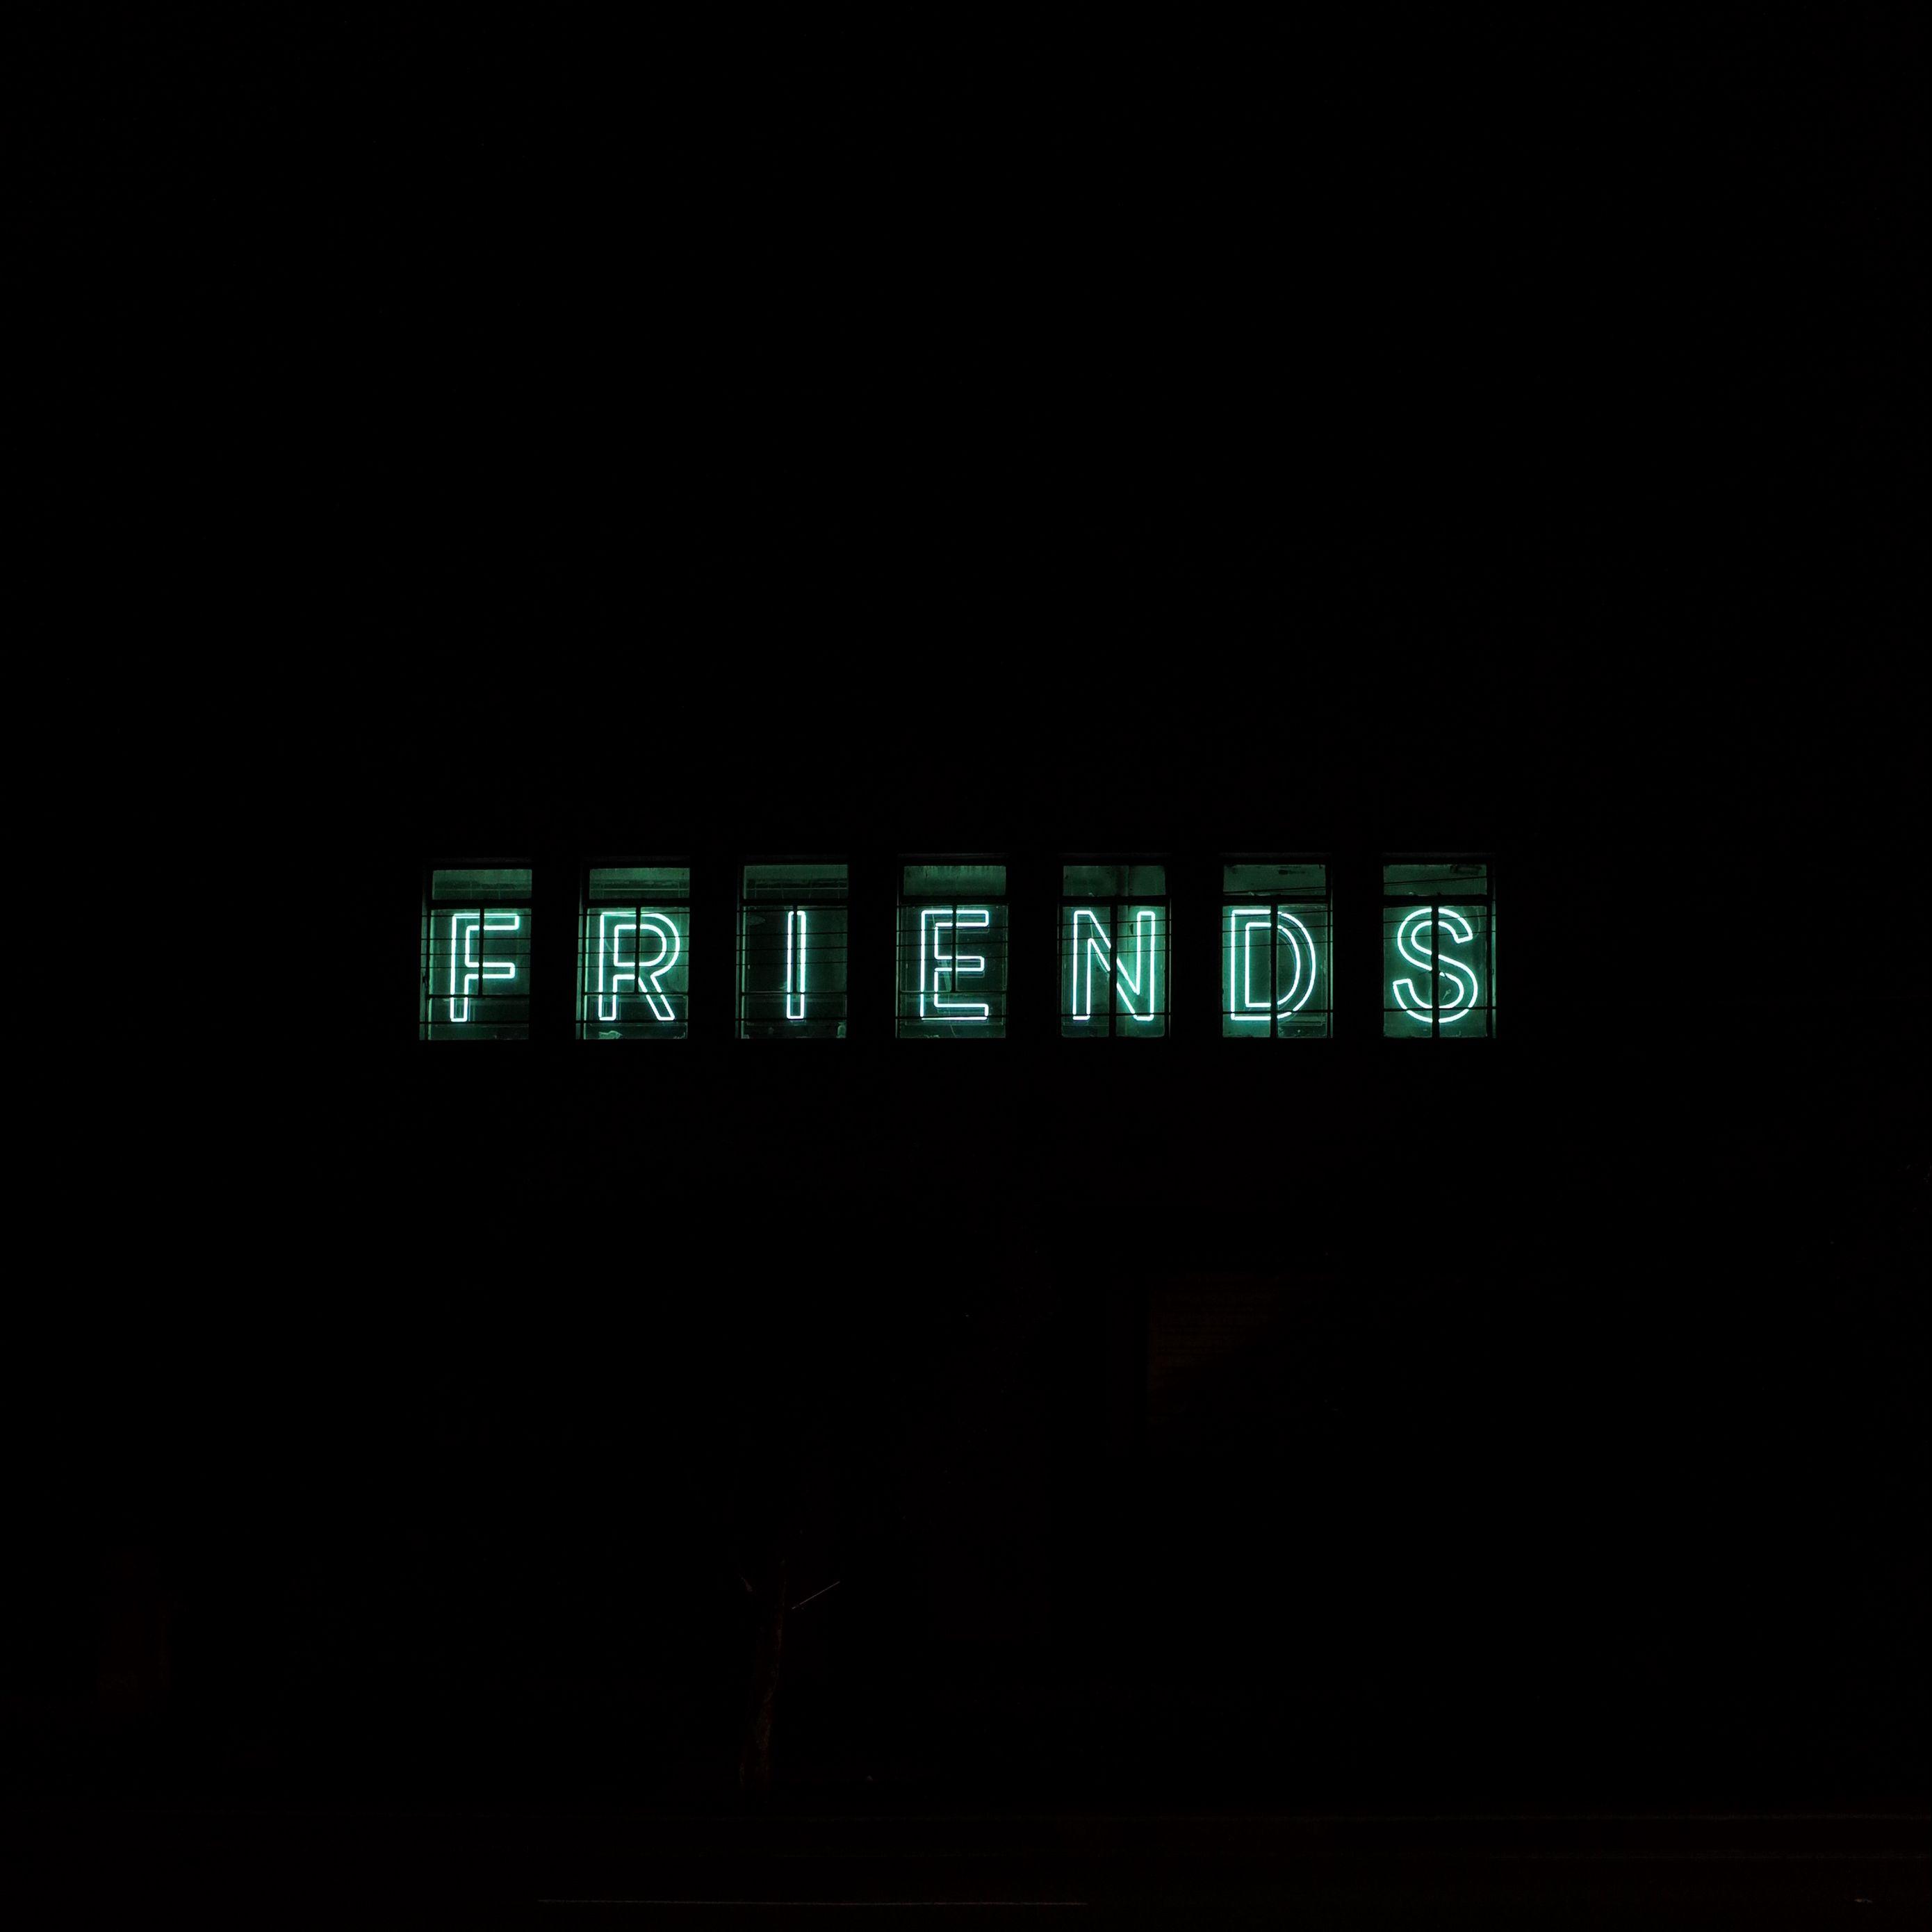 2780x2780 Wallpaper friends, inscription, neon, backlight, dark, letters